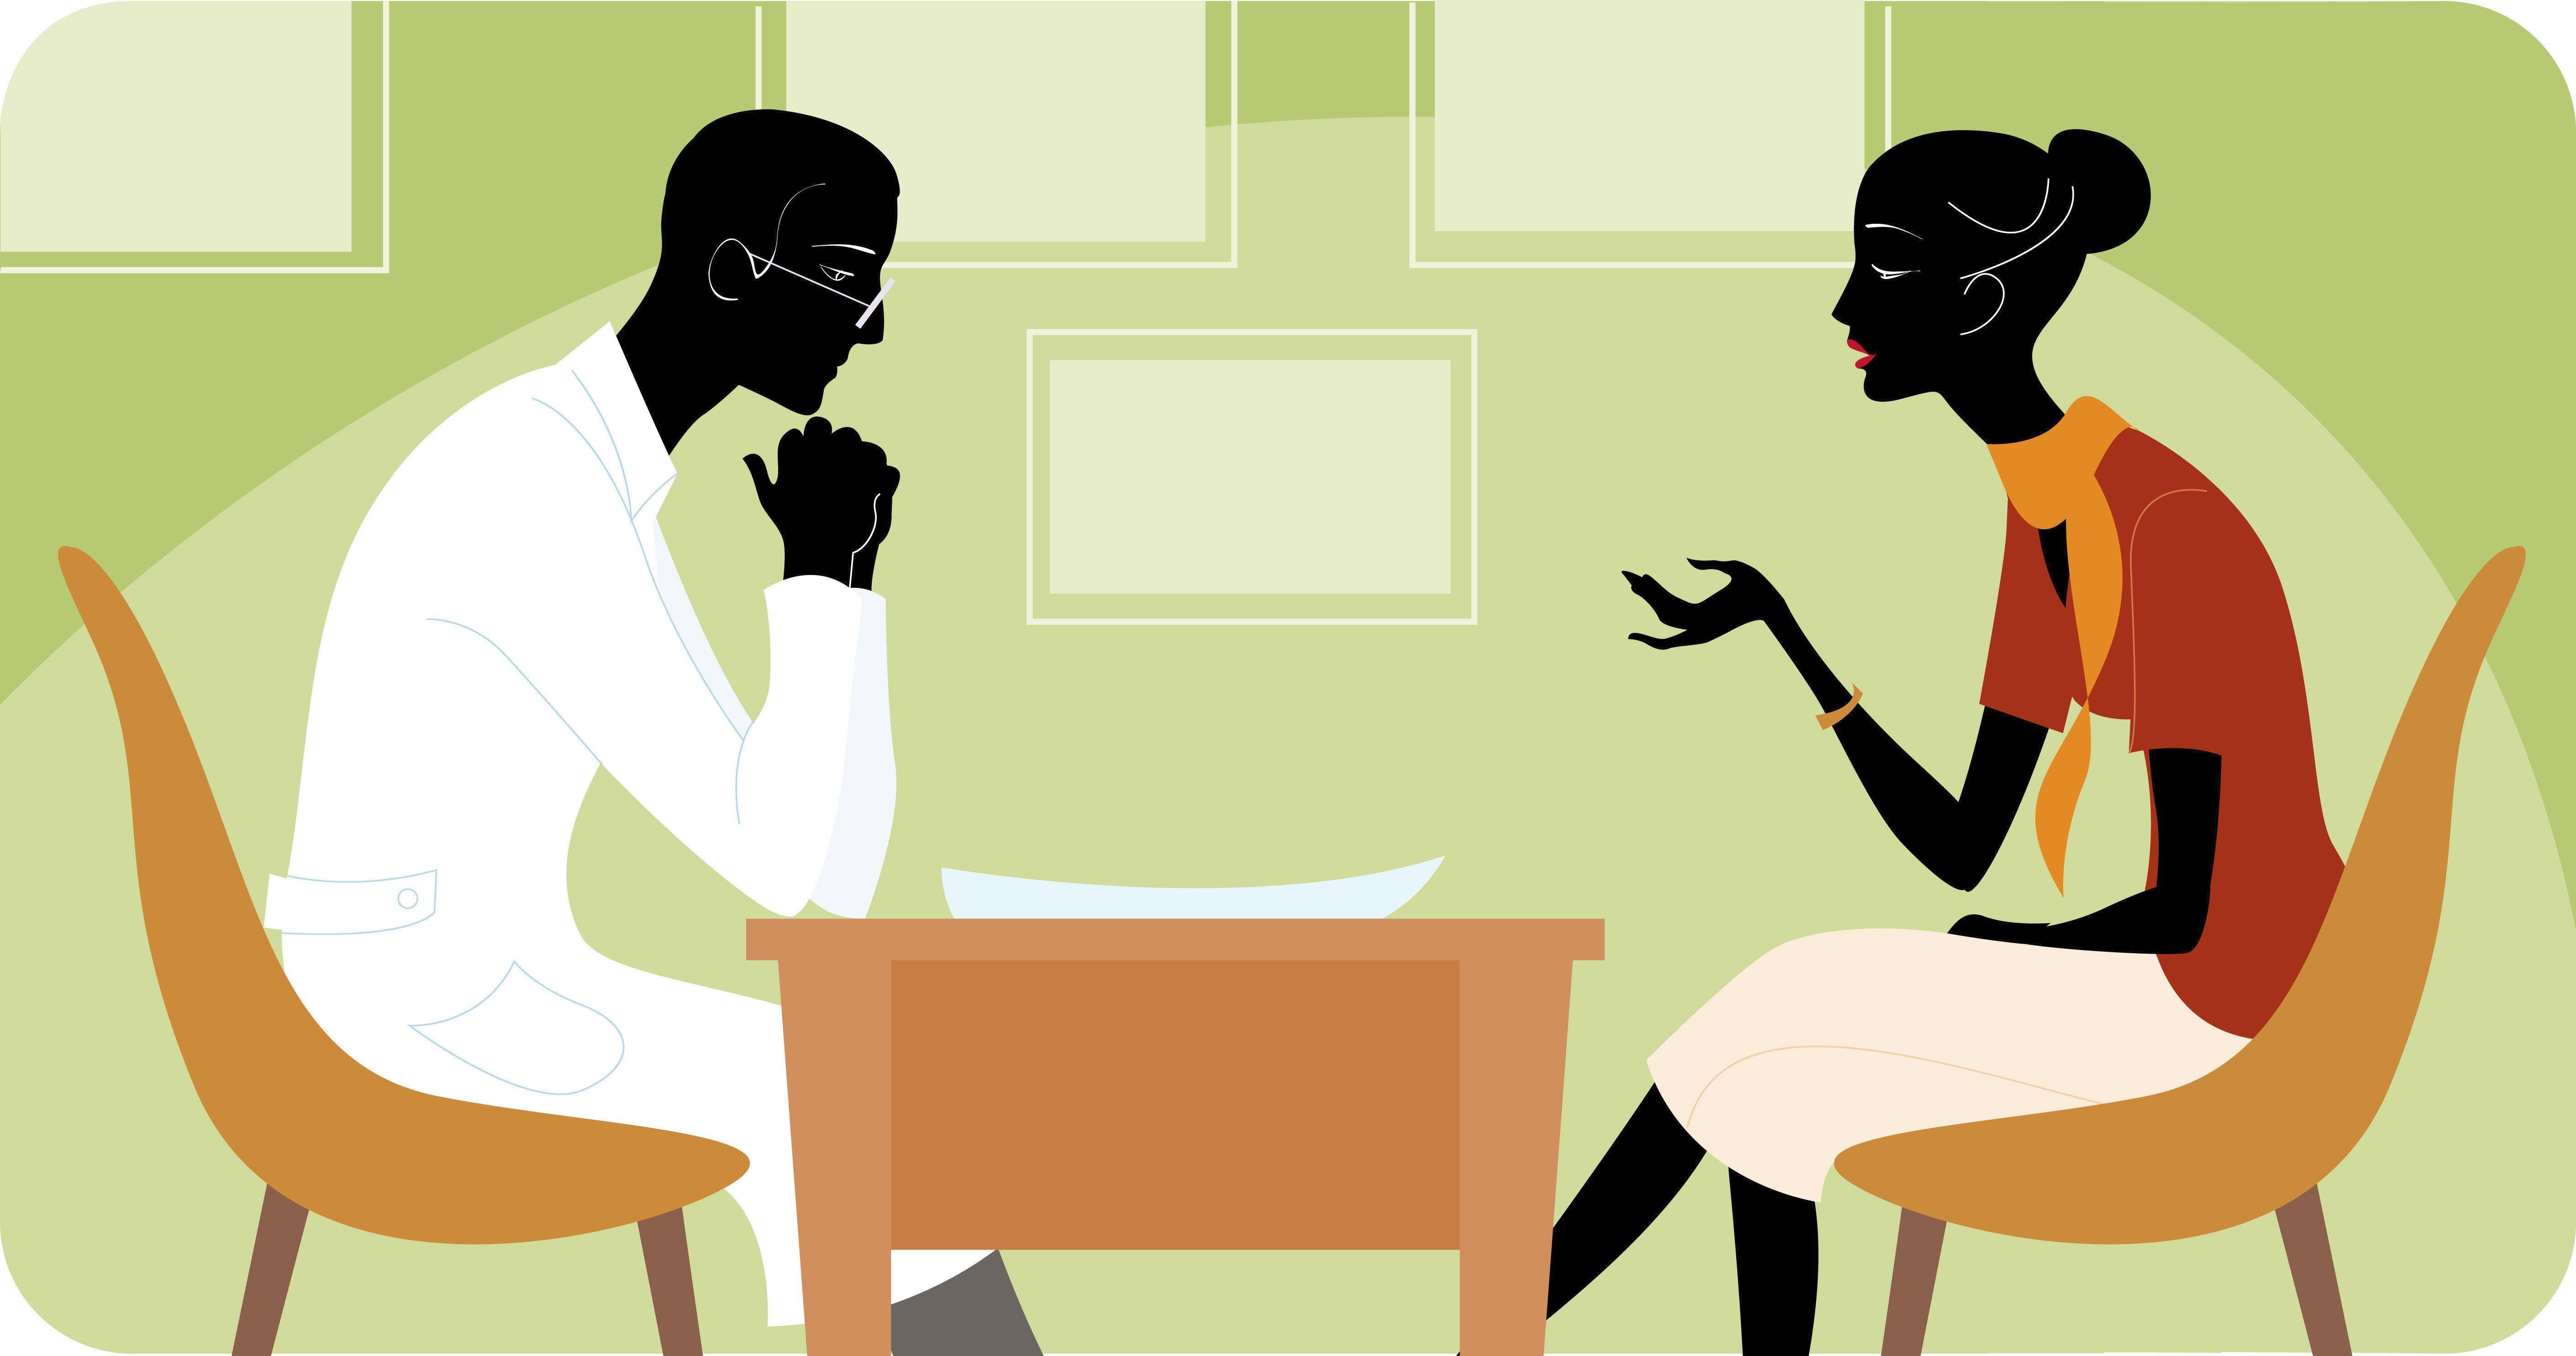 Терапевт исполняет роль посредника между пациентом и его внутренним «Я», или «Эго»